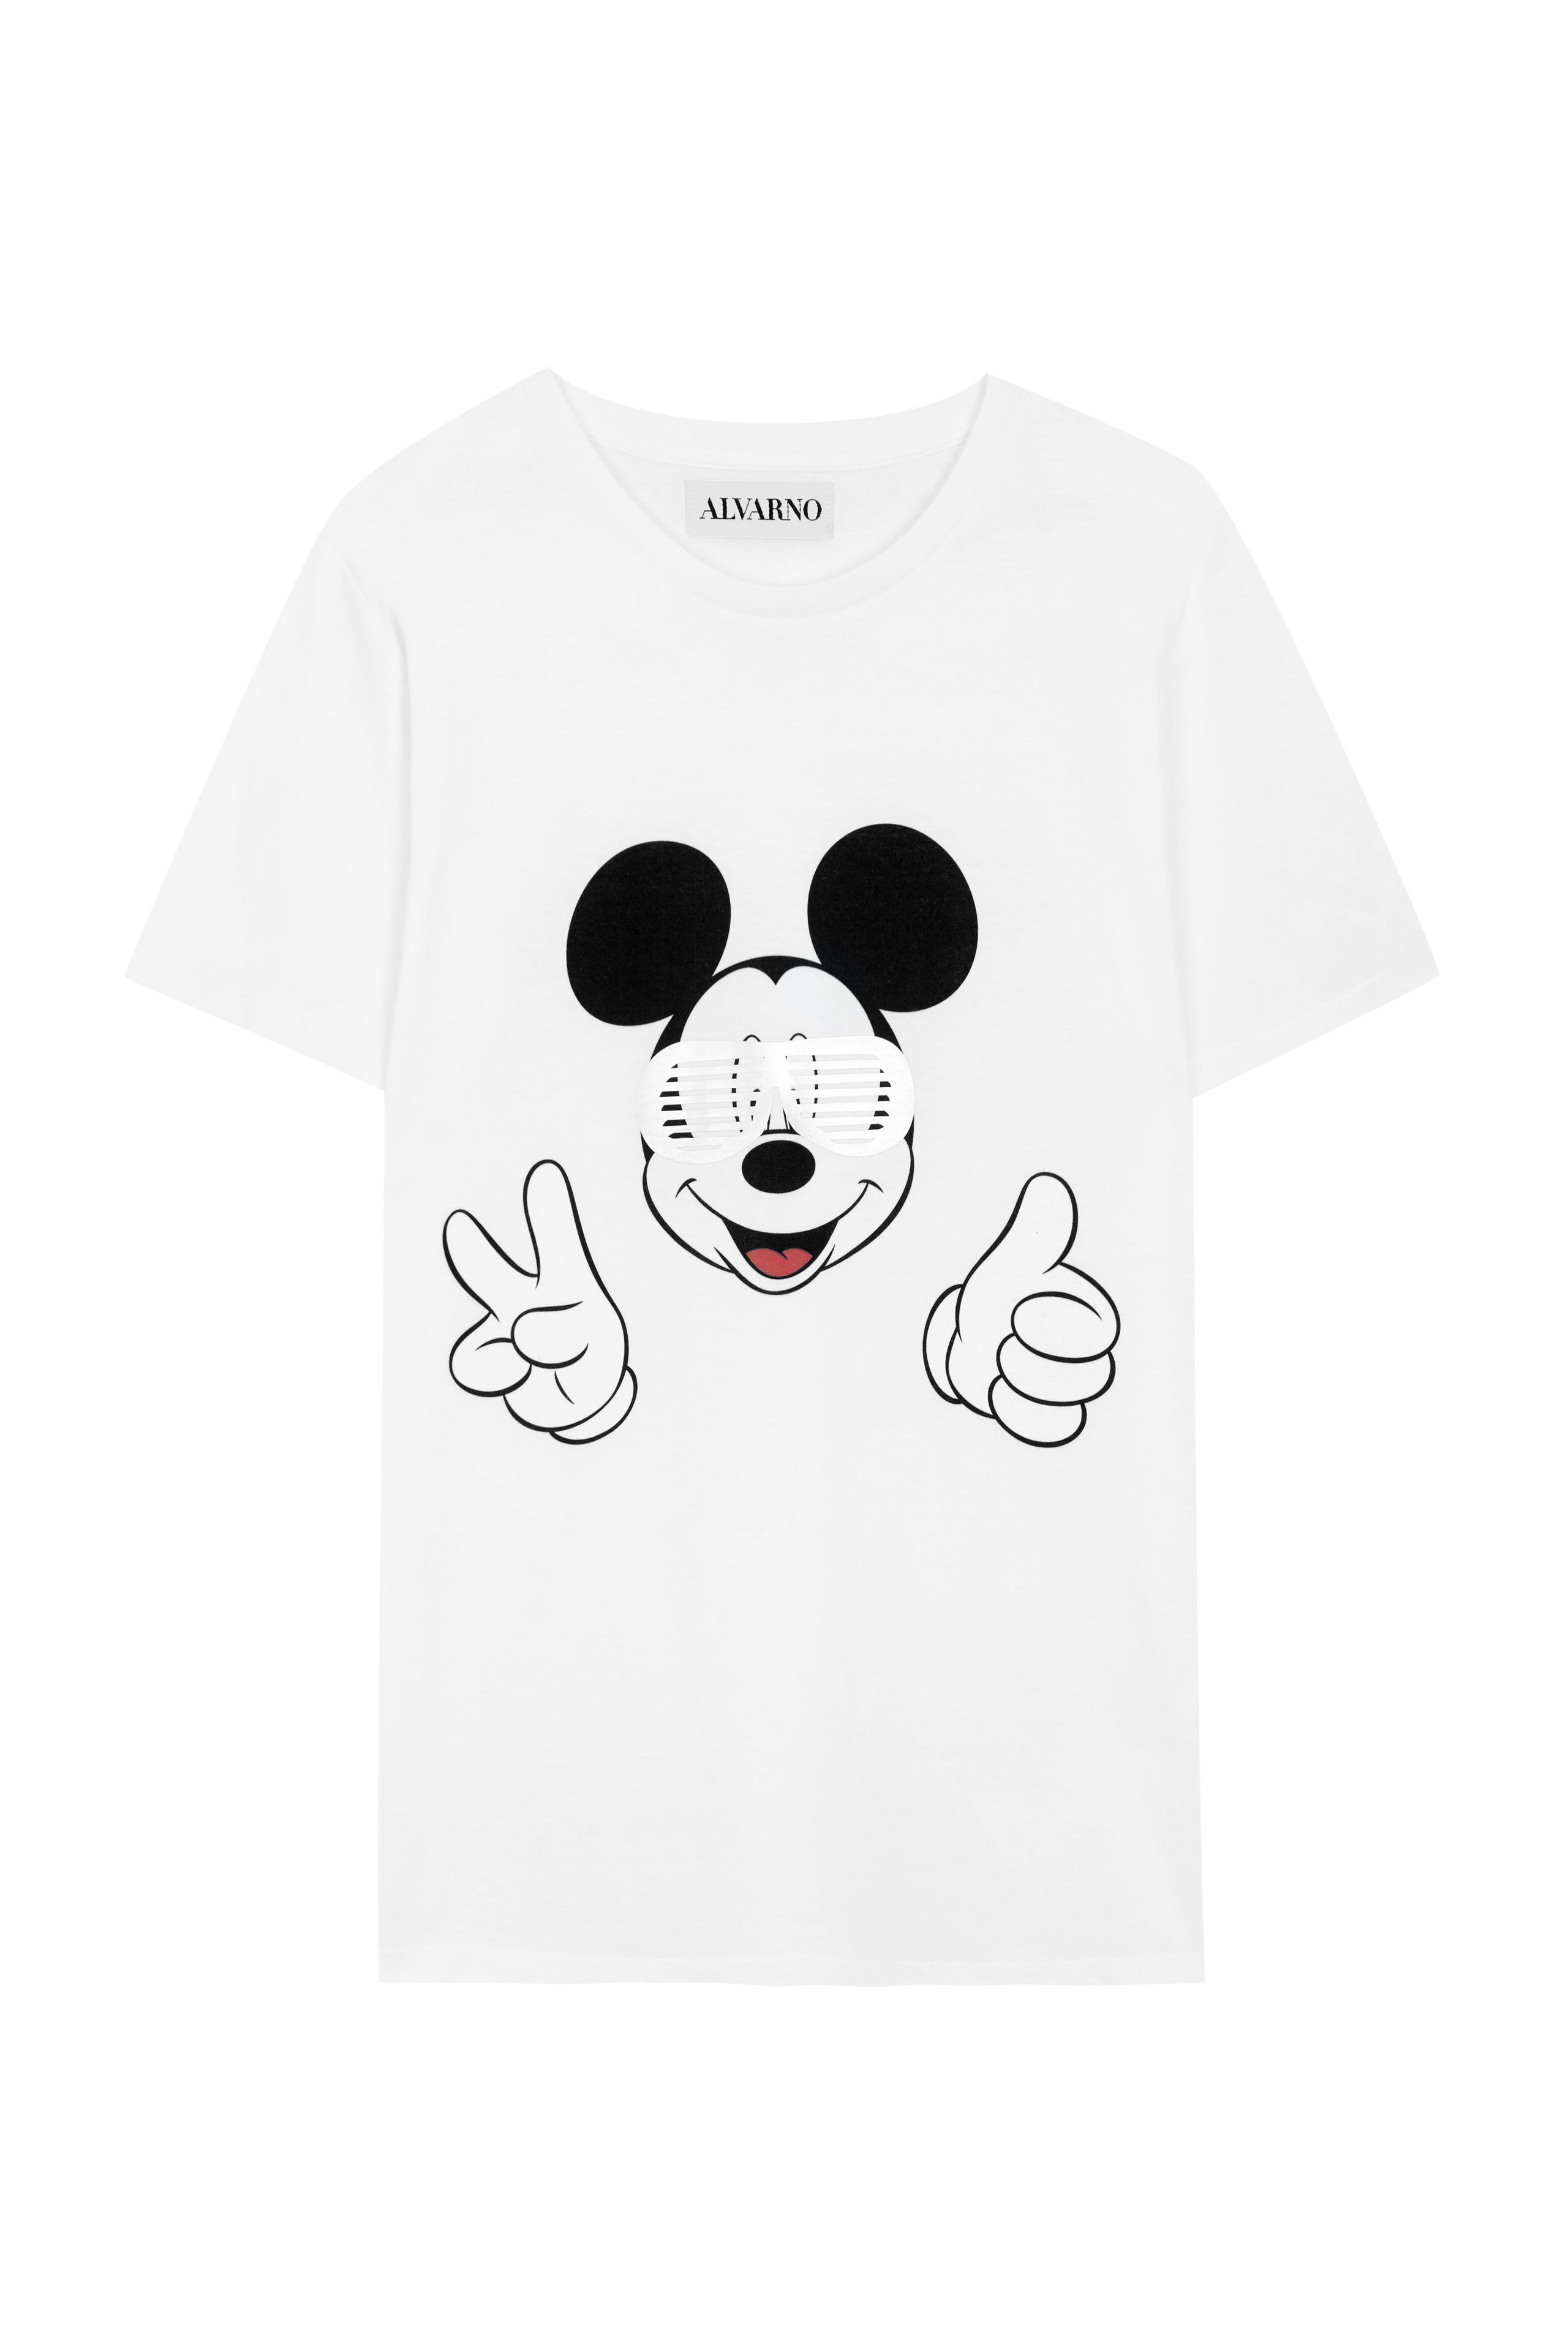 Foto de Camisetas Disney diseñadas por Alvarno (1/11)